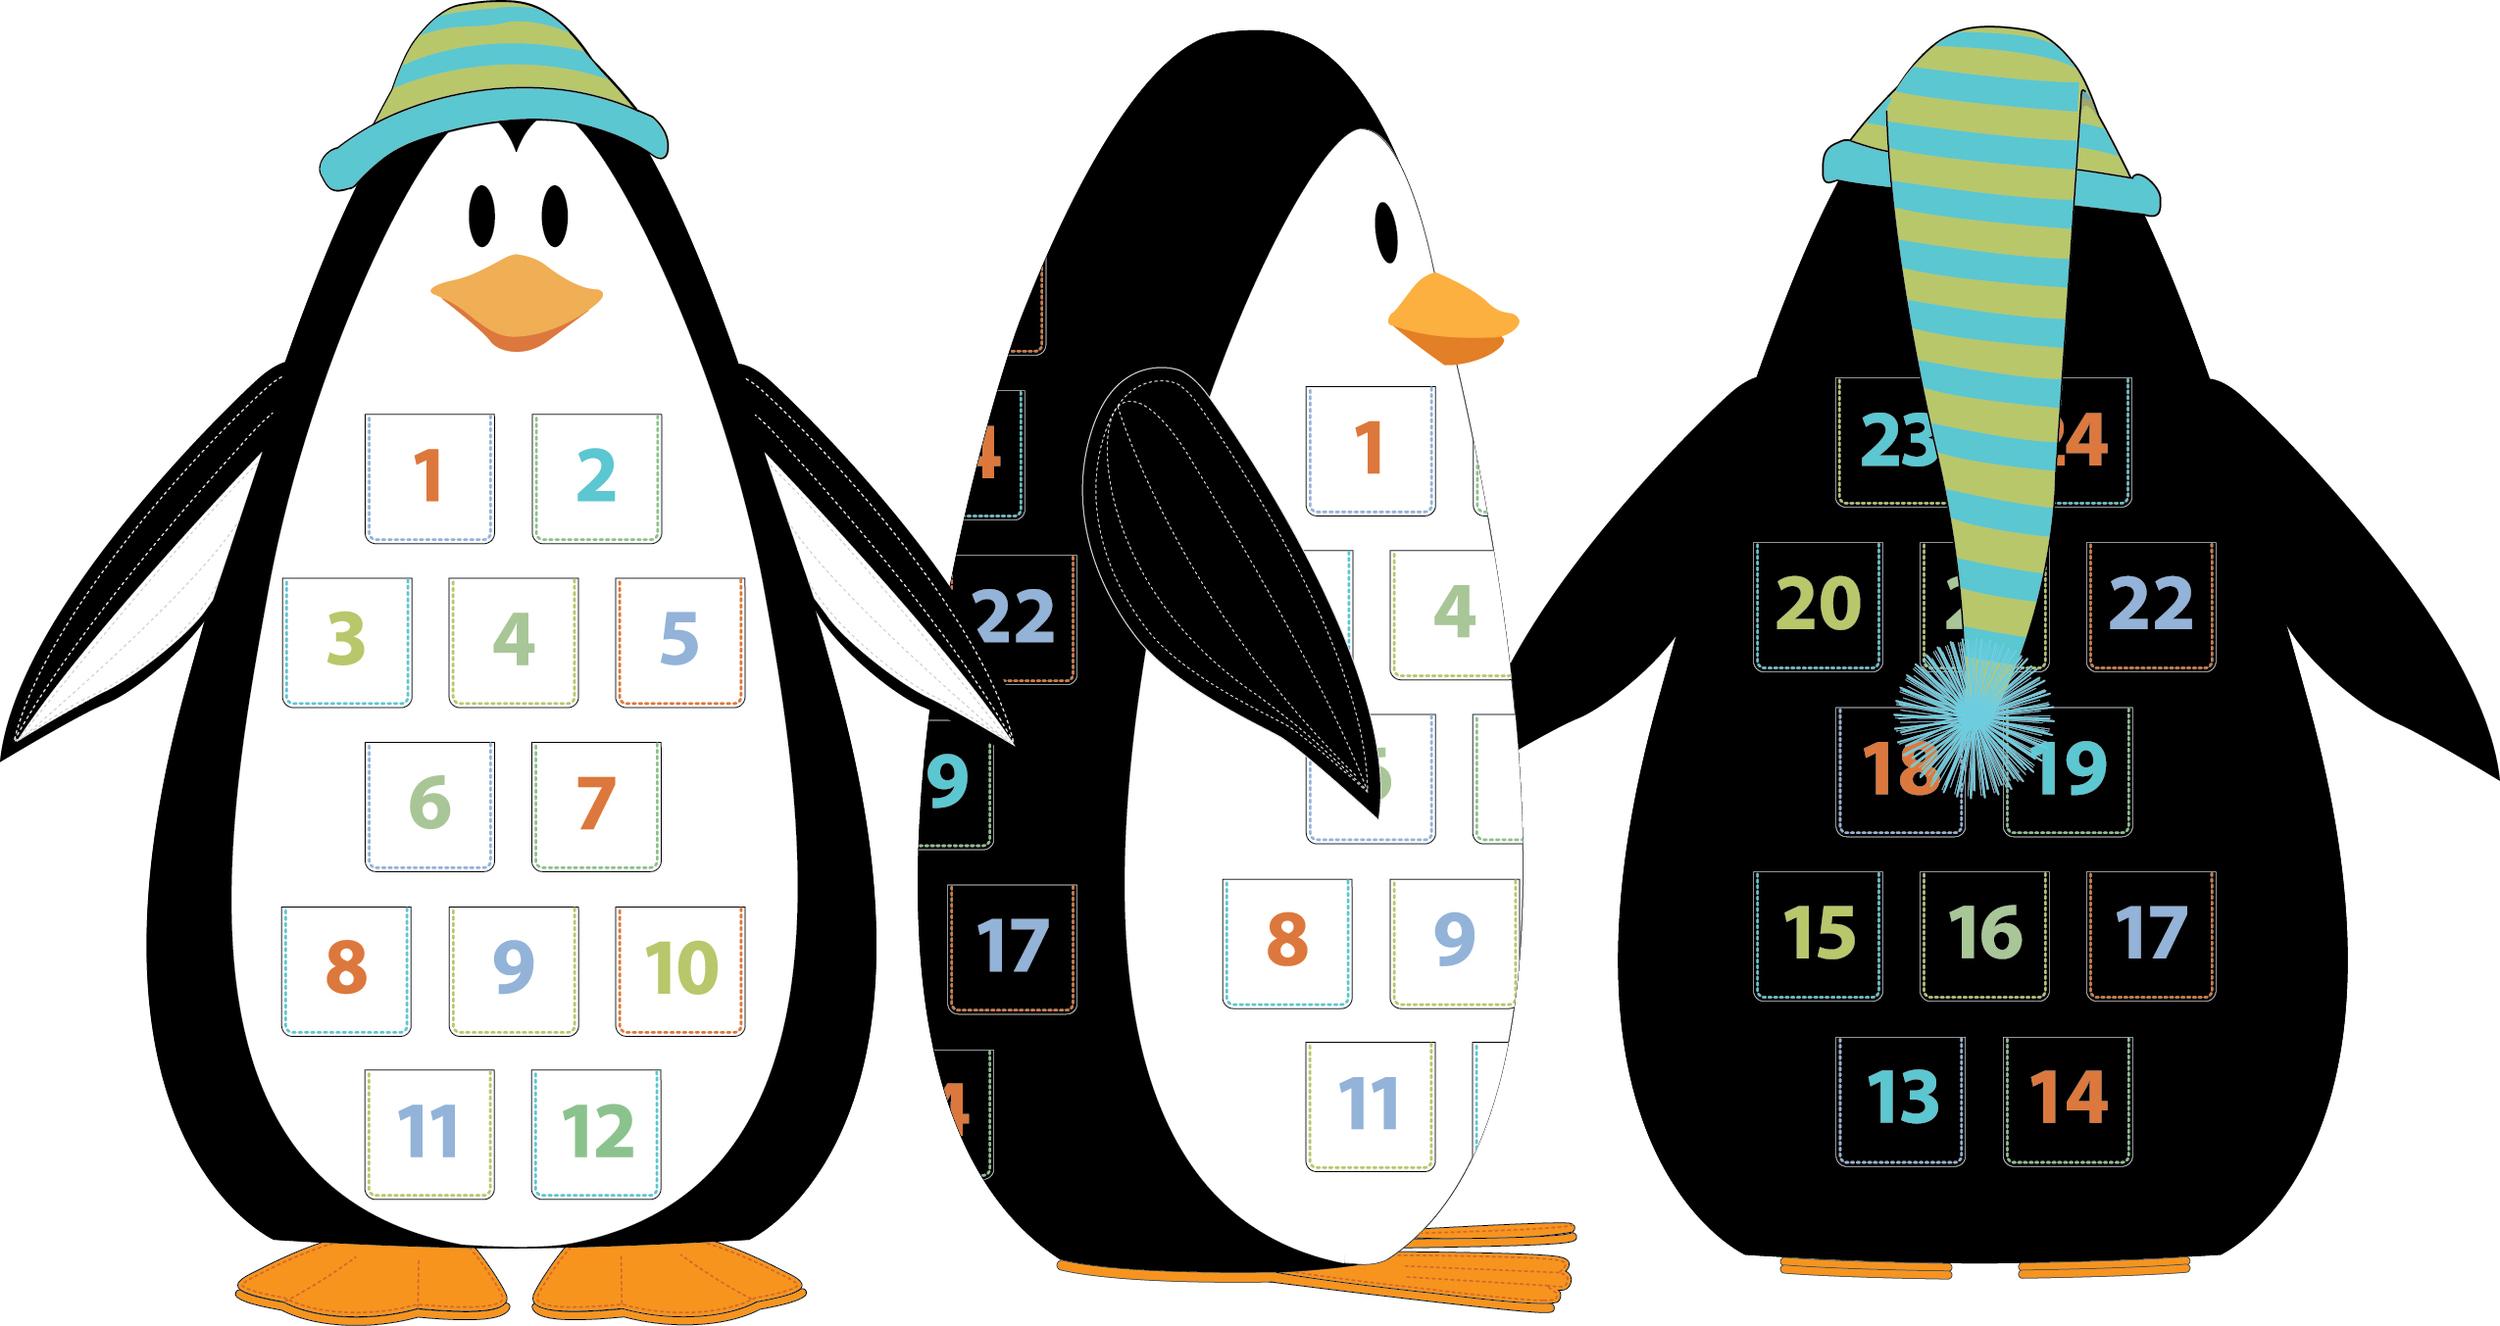 Penguin Advent Calendar